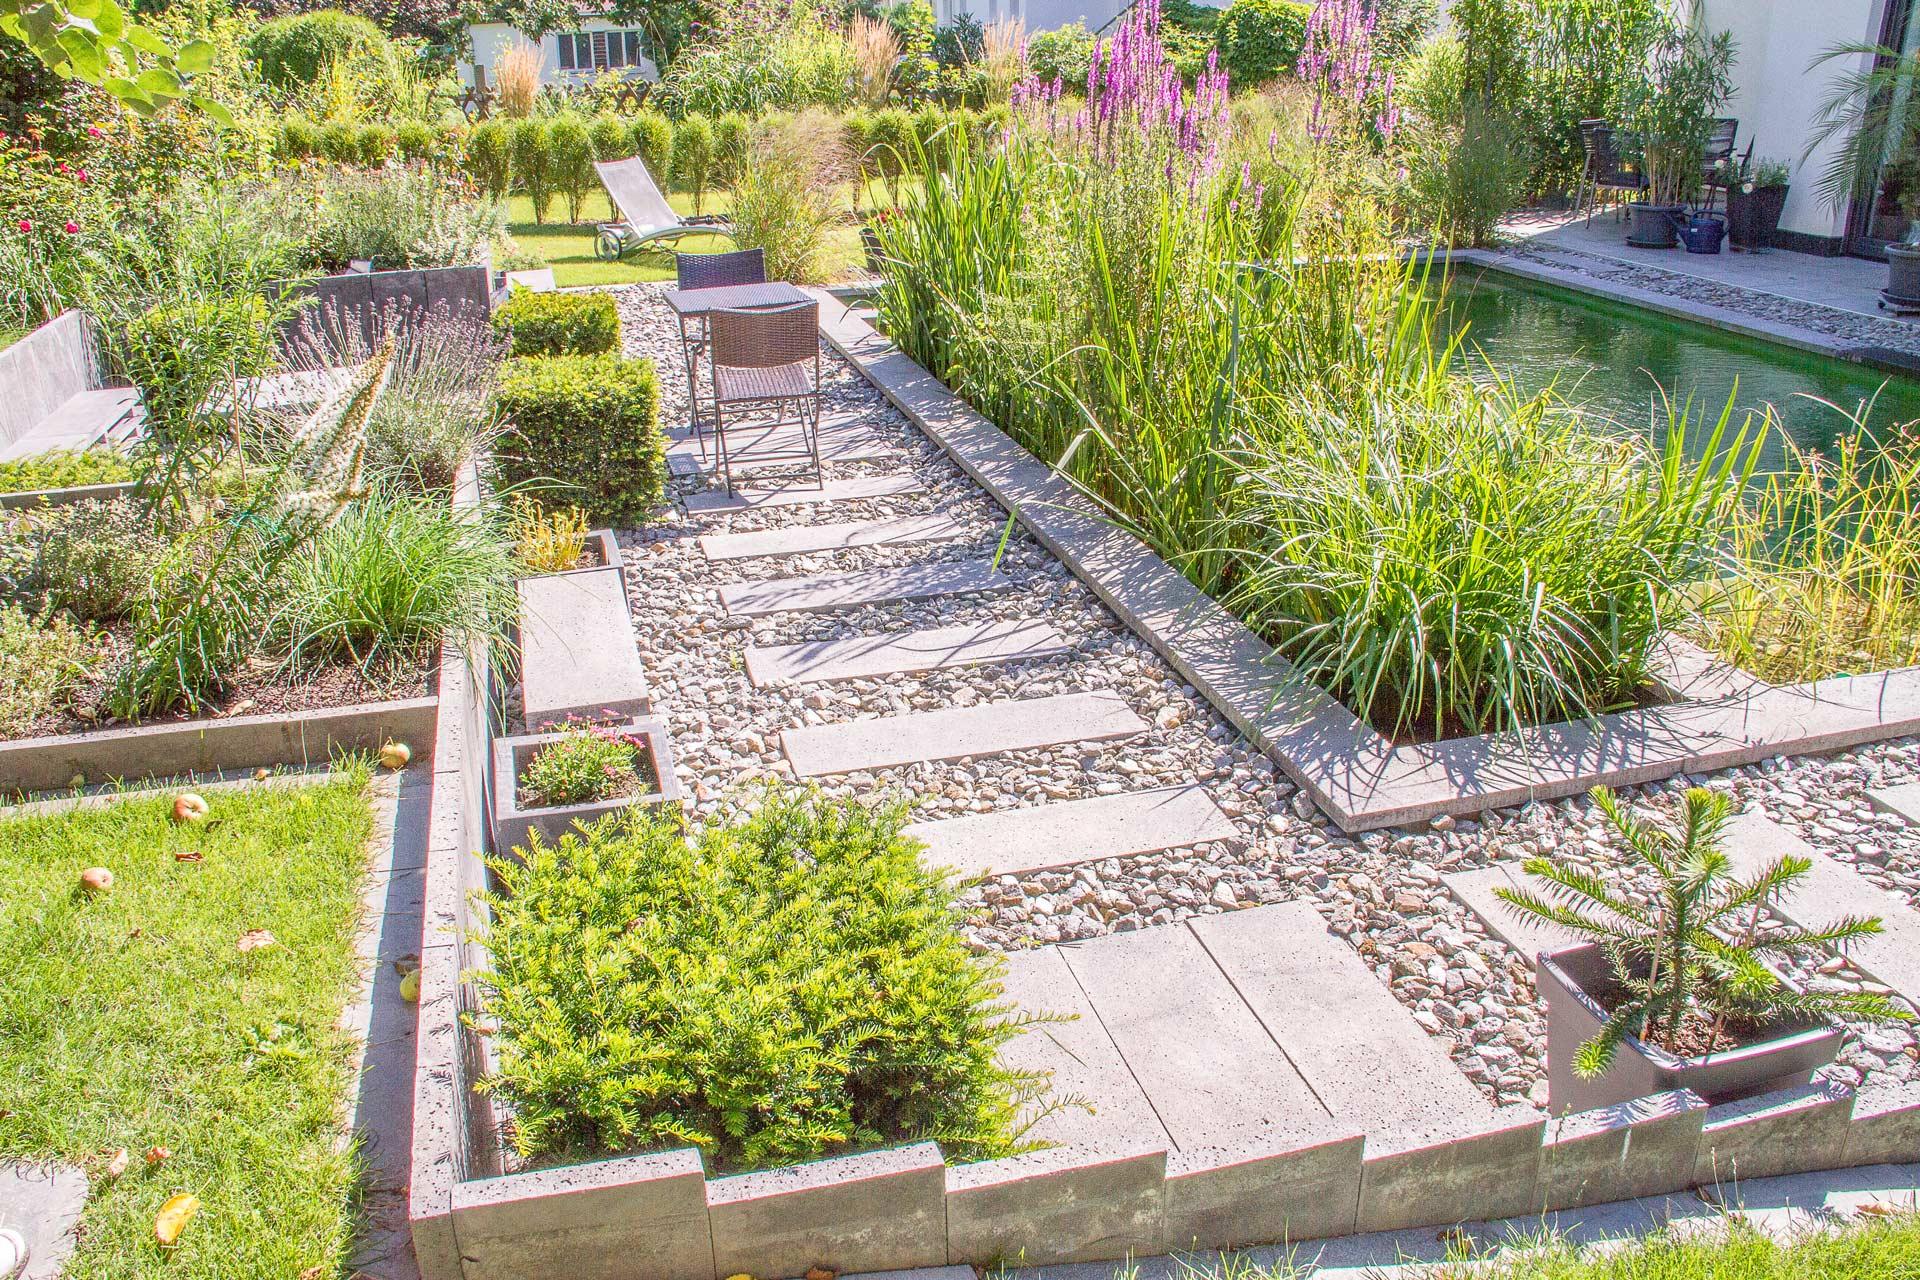 Gartengestaltung mit trittplatten eichler gartenideen for Gartengestaltung 2018